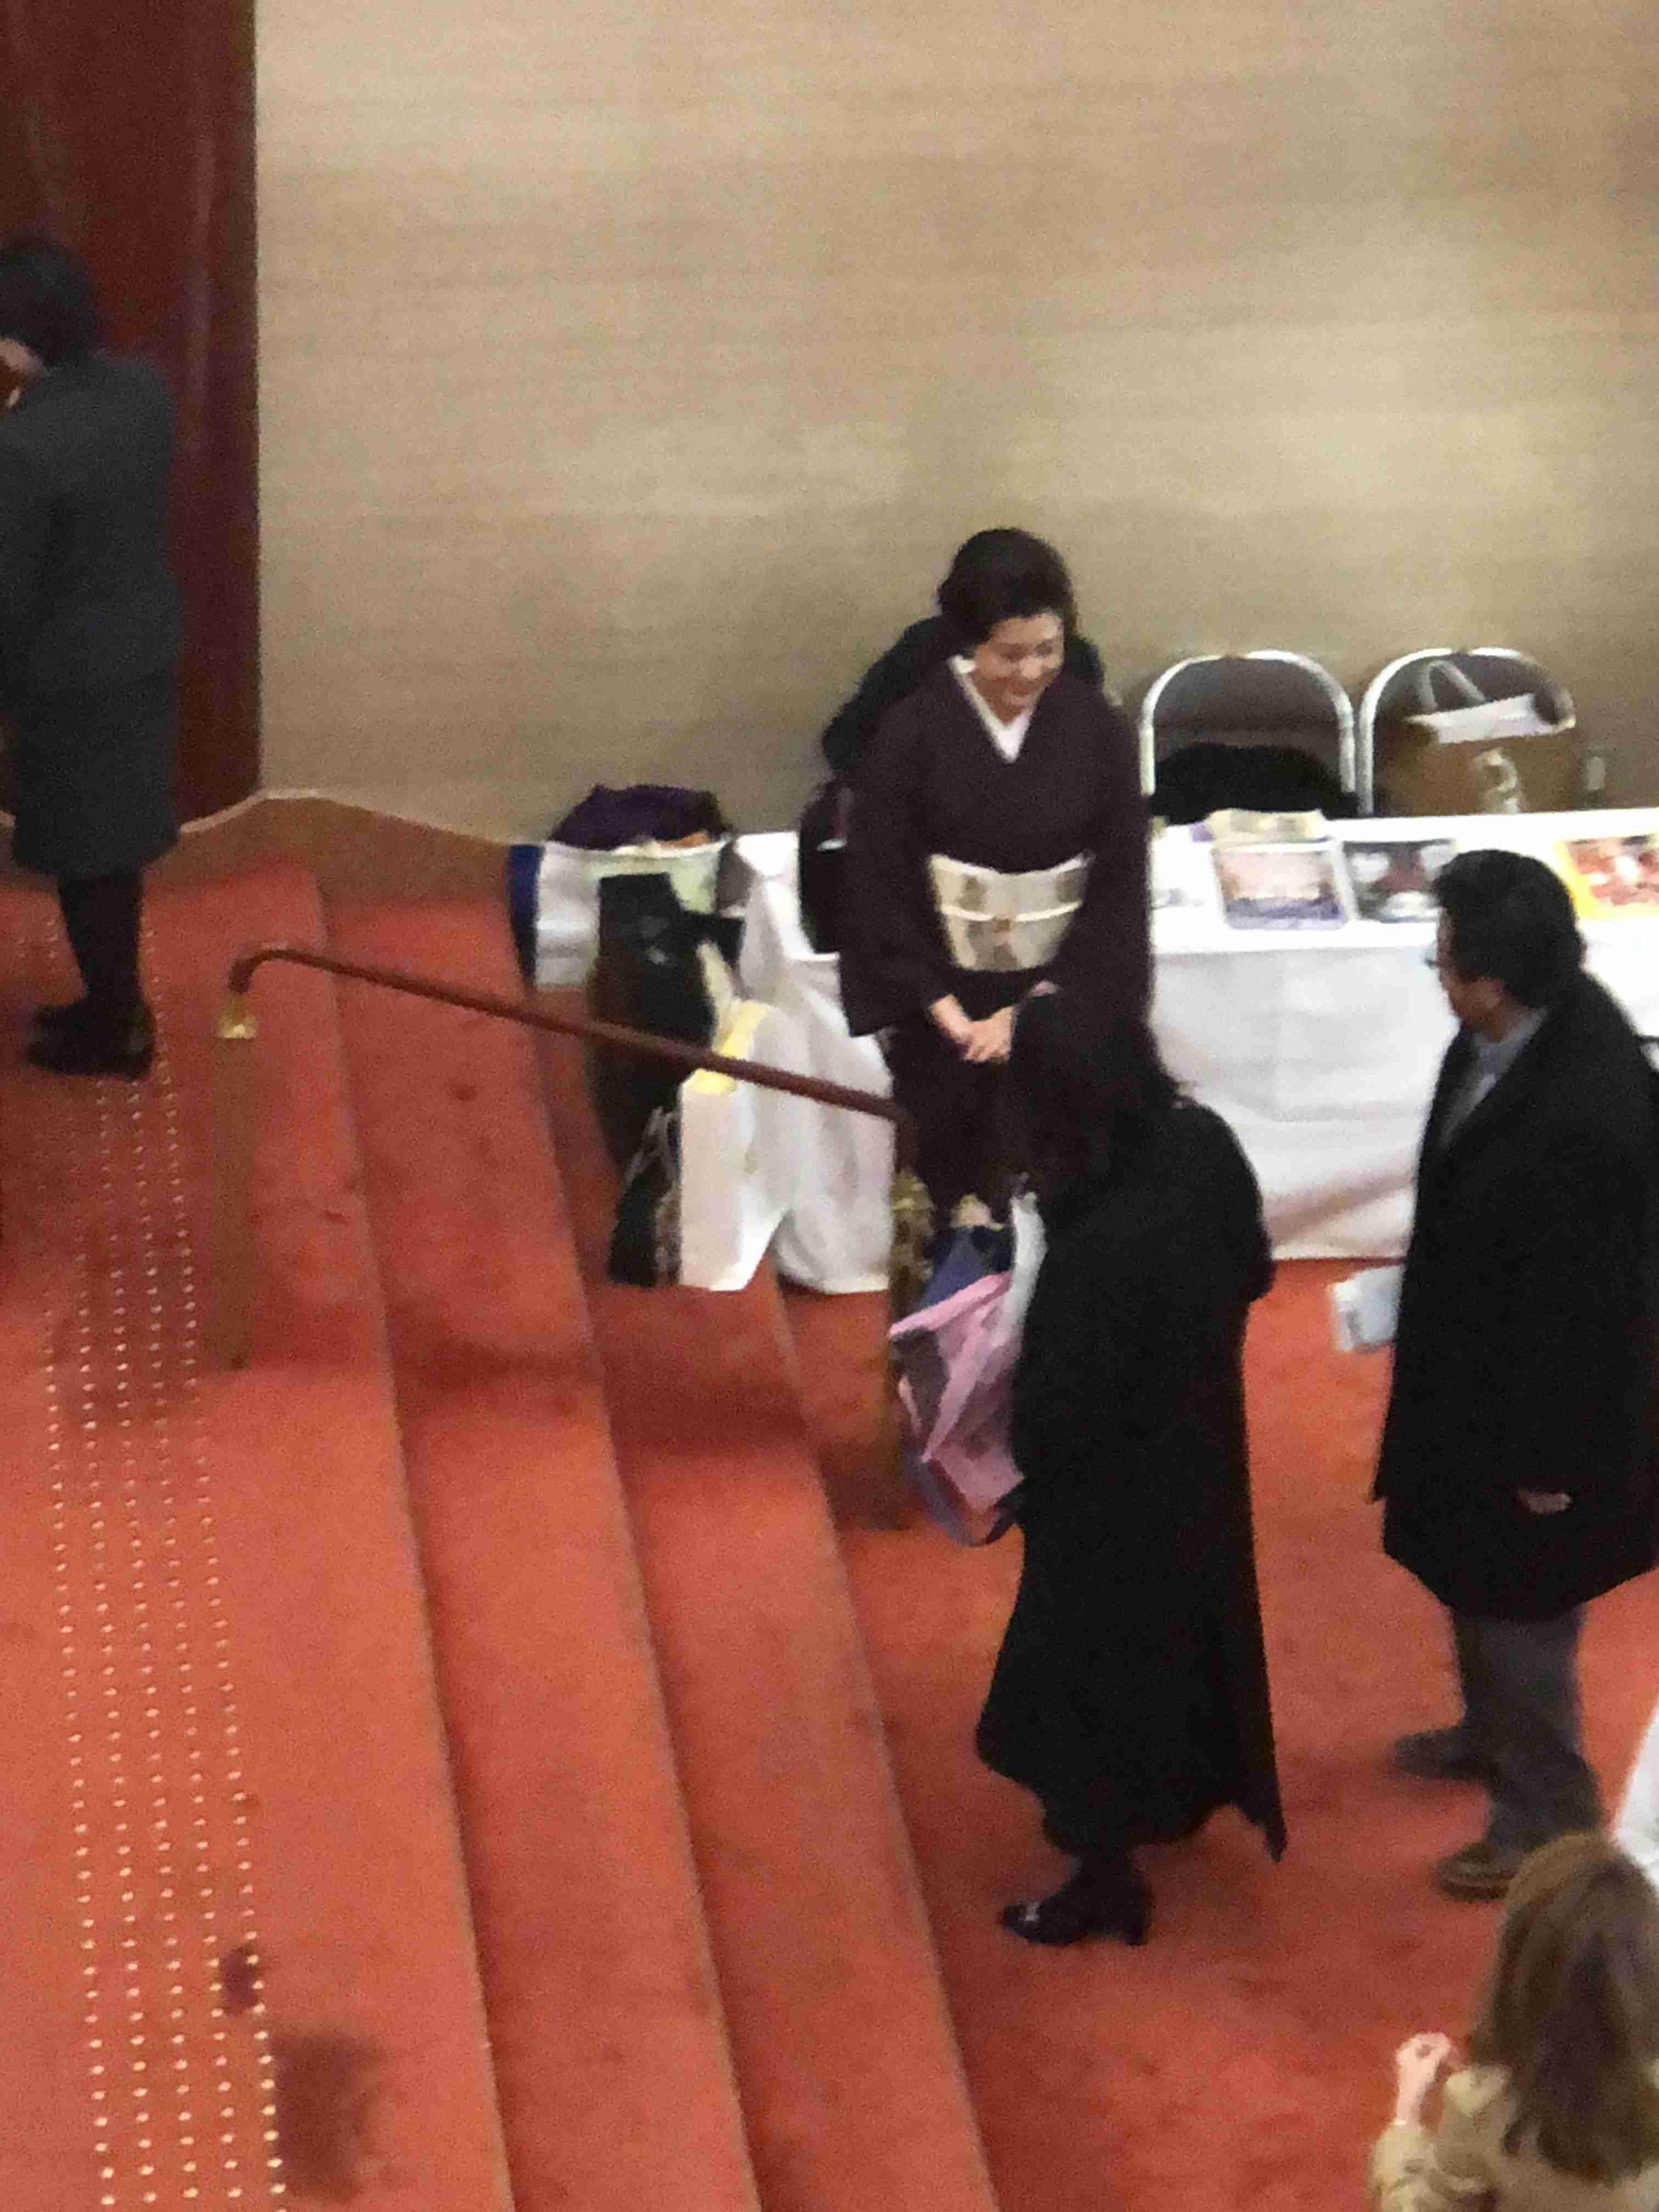 激ヤセ報道を否定した藤原紀香 トリンドル玲奈とのツーショットに「親子みたい」の声